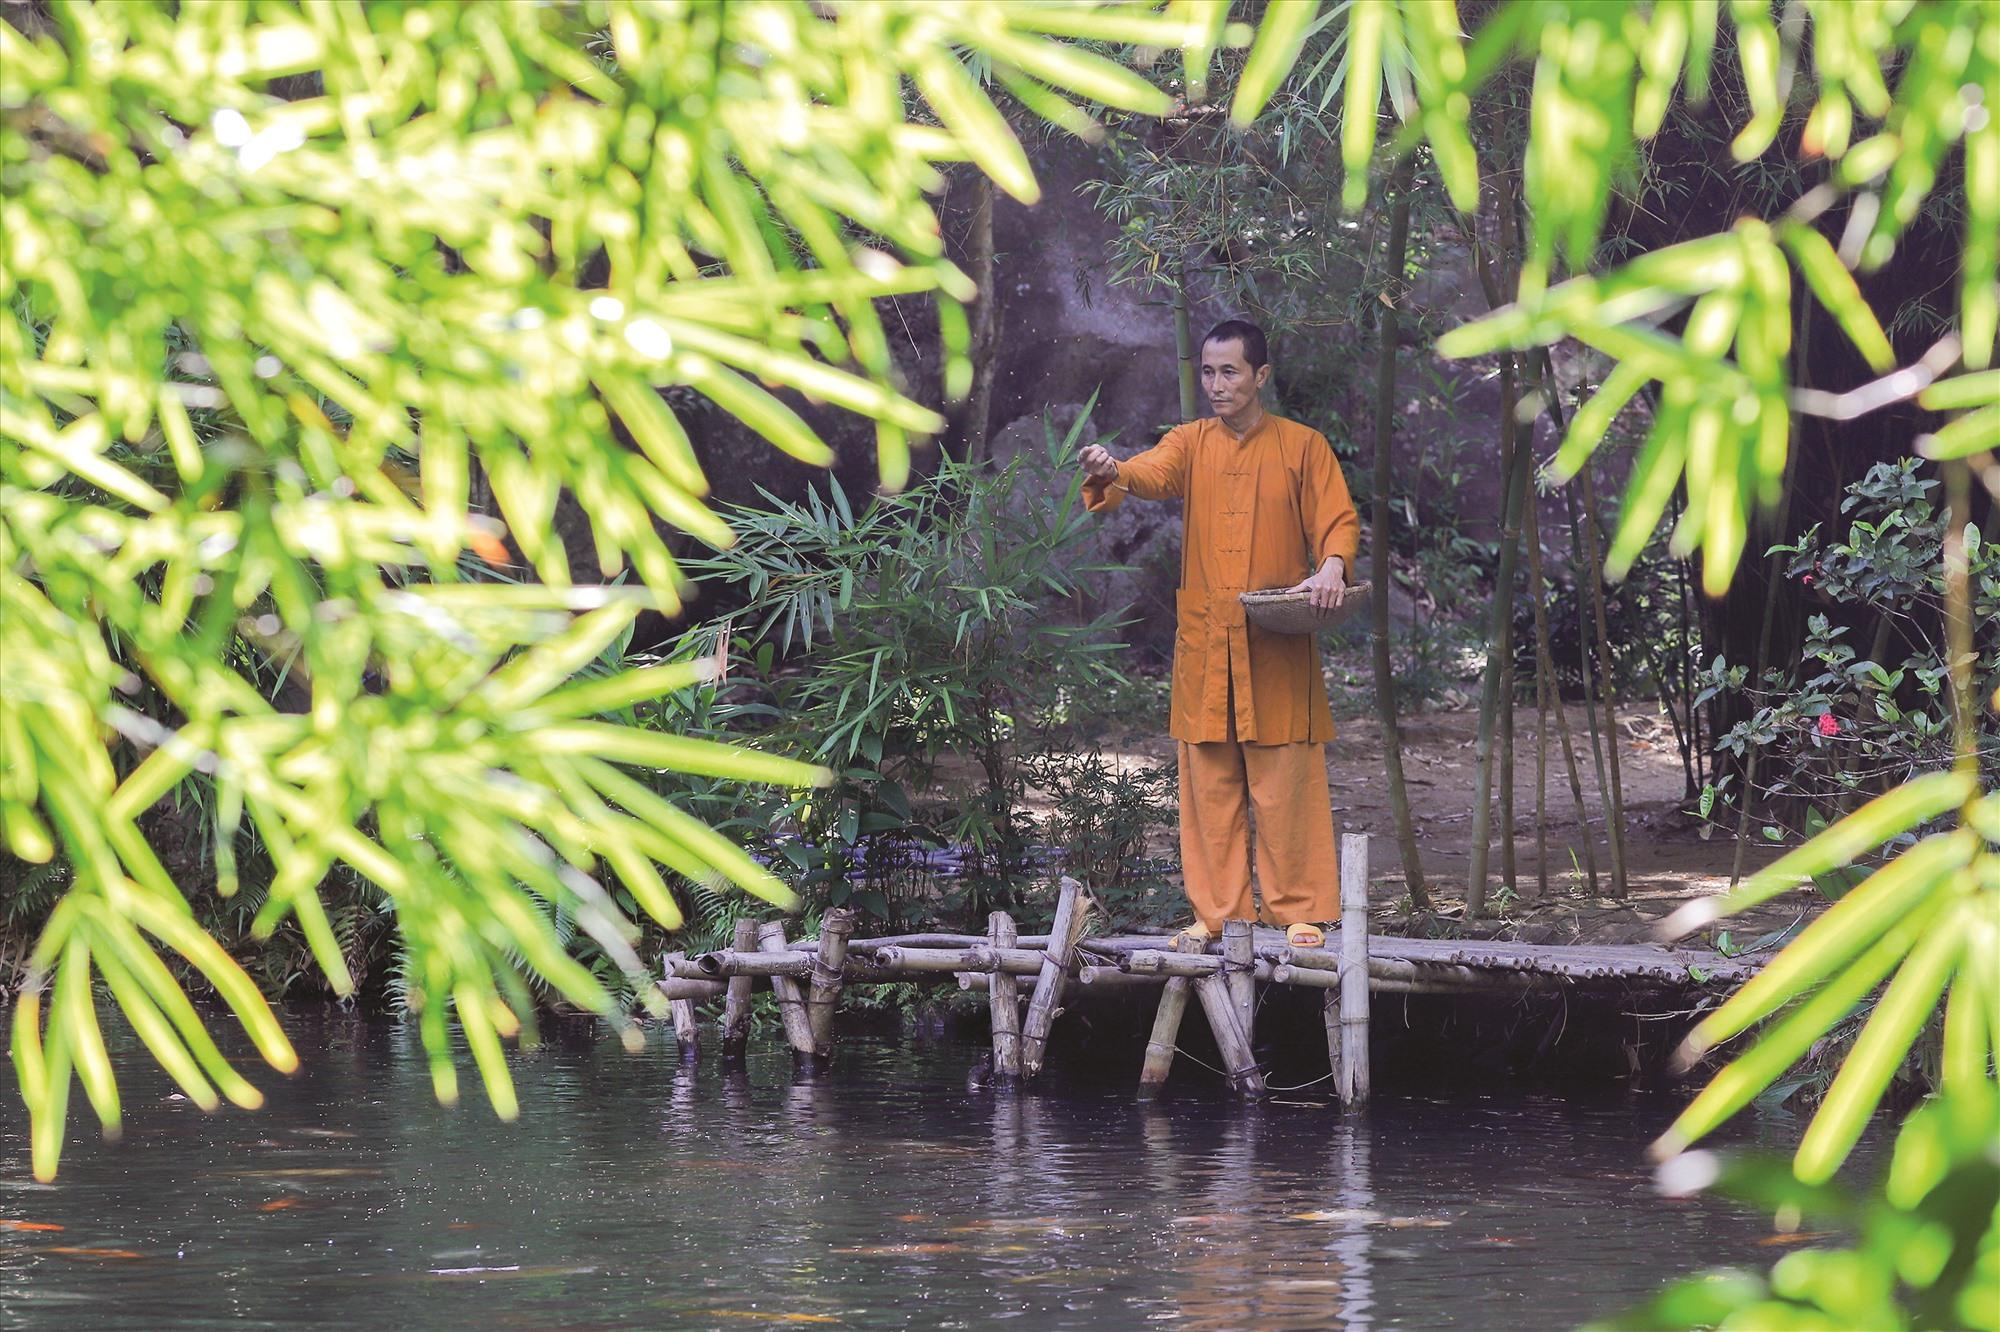 Chọn vườn tre làm nơi tu hành, mỗi ngày thầy Thích Thế Tường có những khoảng không gian tĩnh tâm, thong dong tự tại. Ông đào thêm ao cá, trồng tre xung quanh để tạo thêm điểm nhấn cho khu vườn.